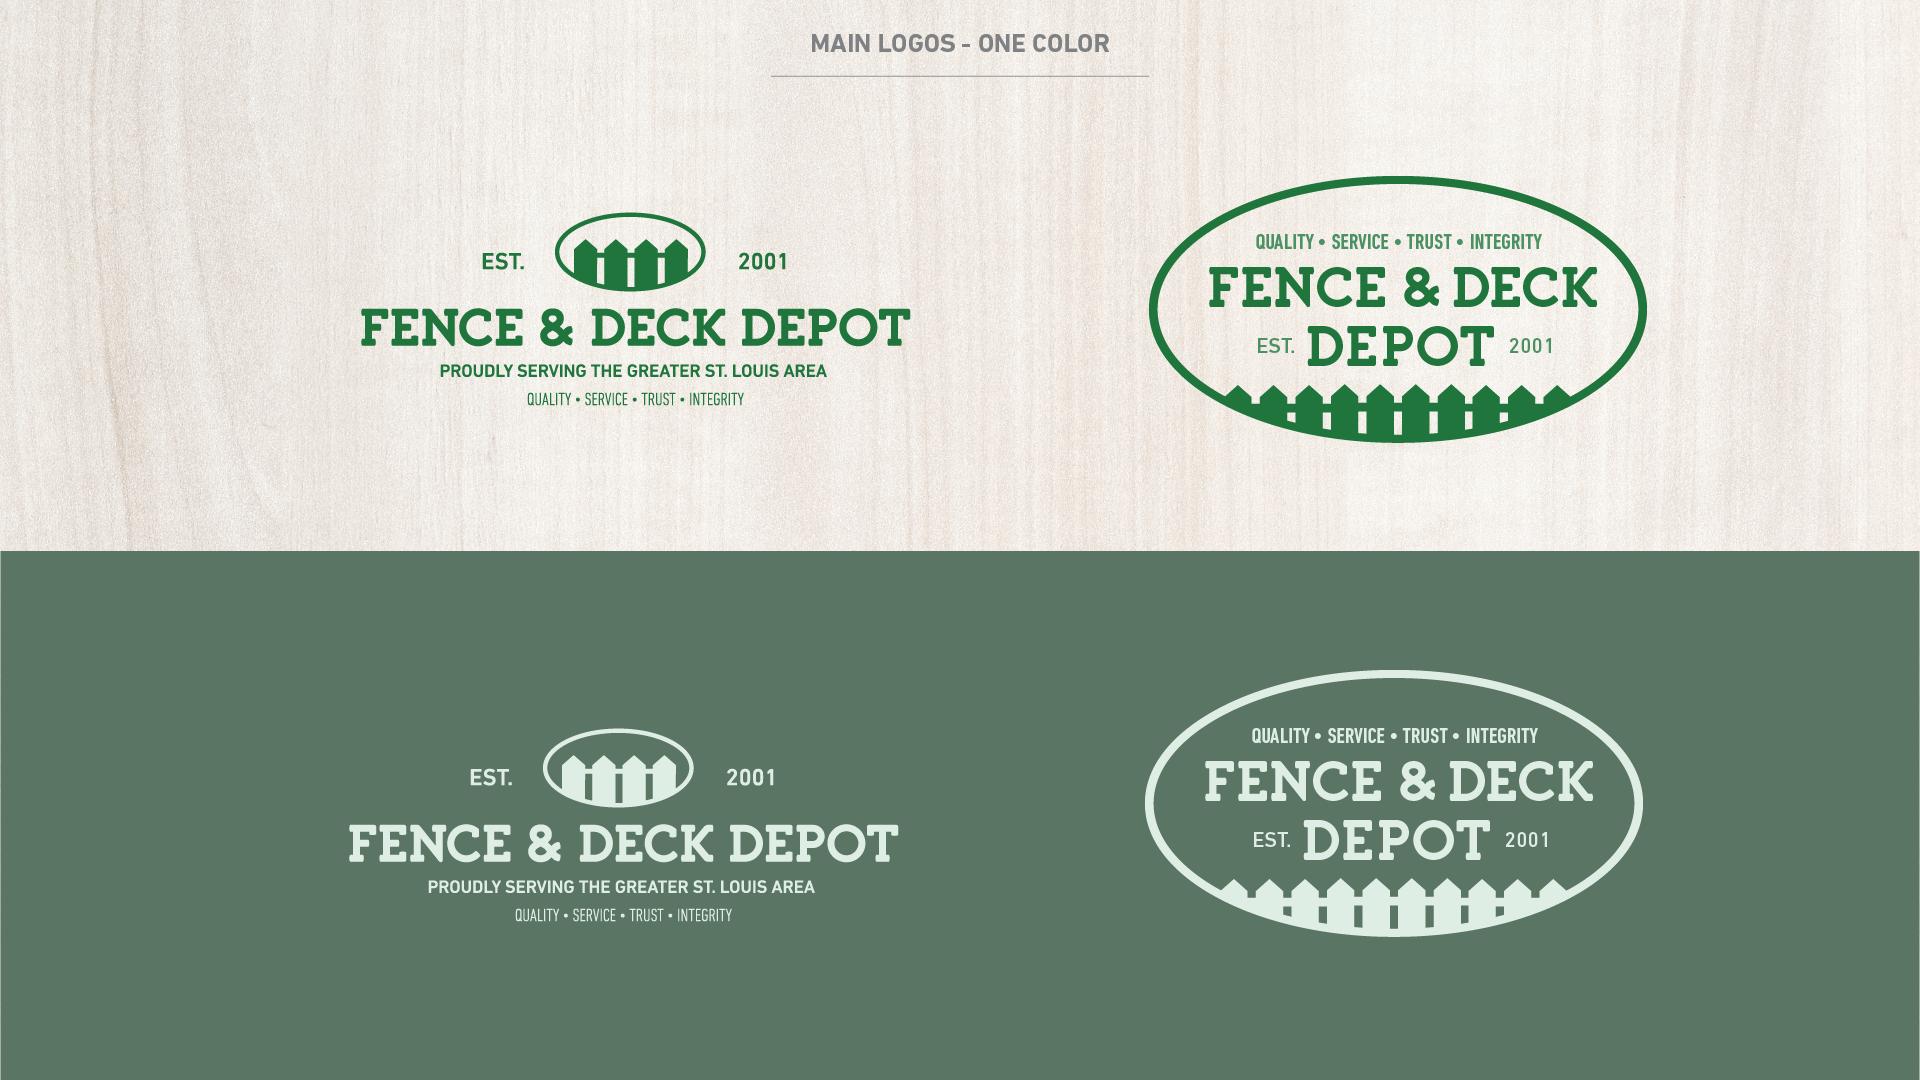 FenceDeckArtboard 4.png